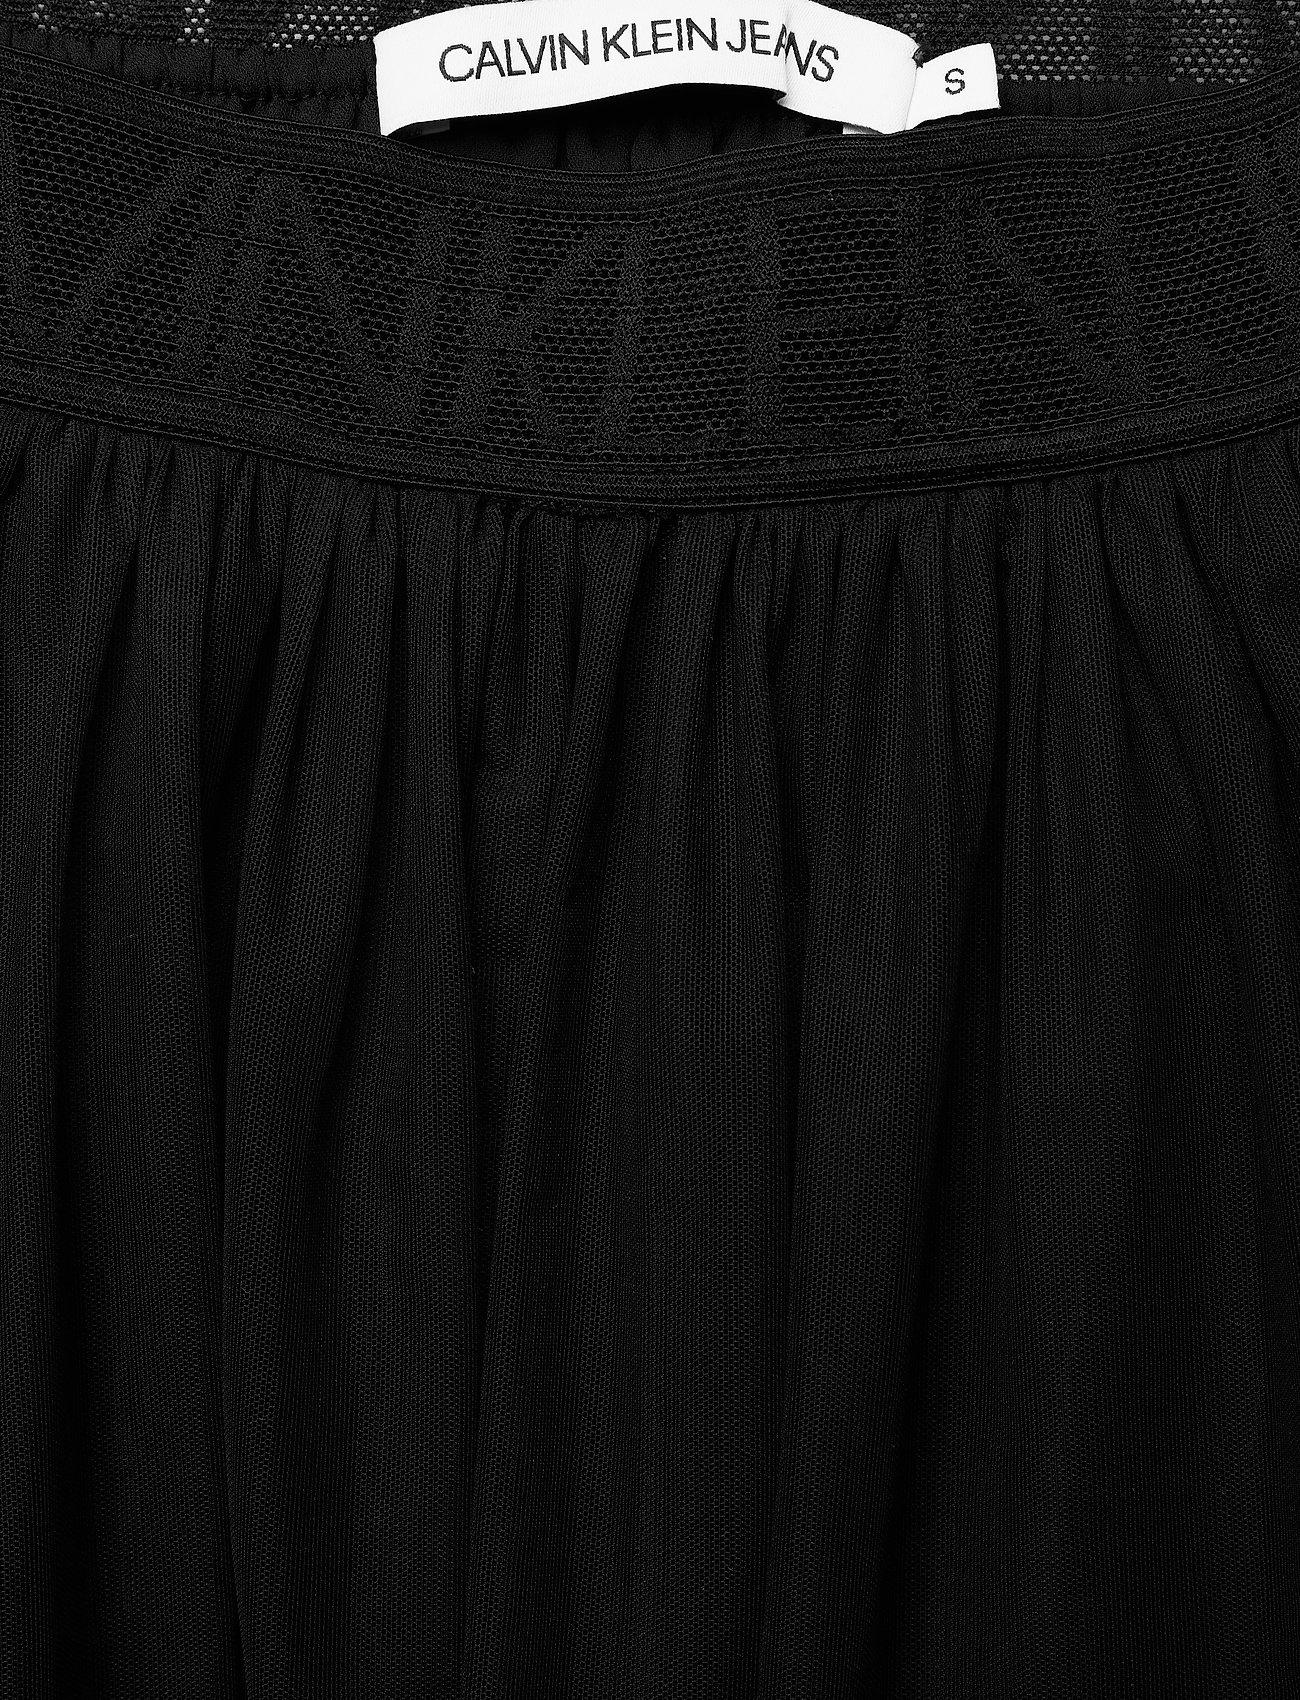 Double Layer Mesh Skirt (Ck Black) (1100 kr) - Calvin Klein Jeans